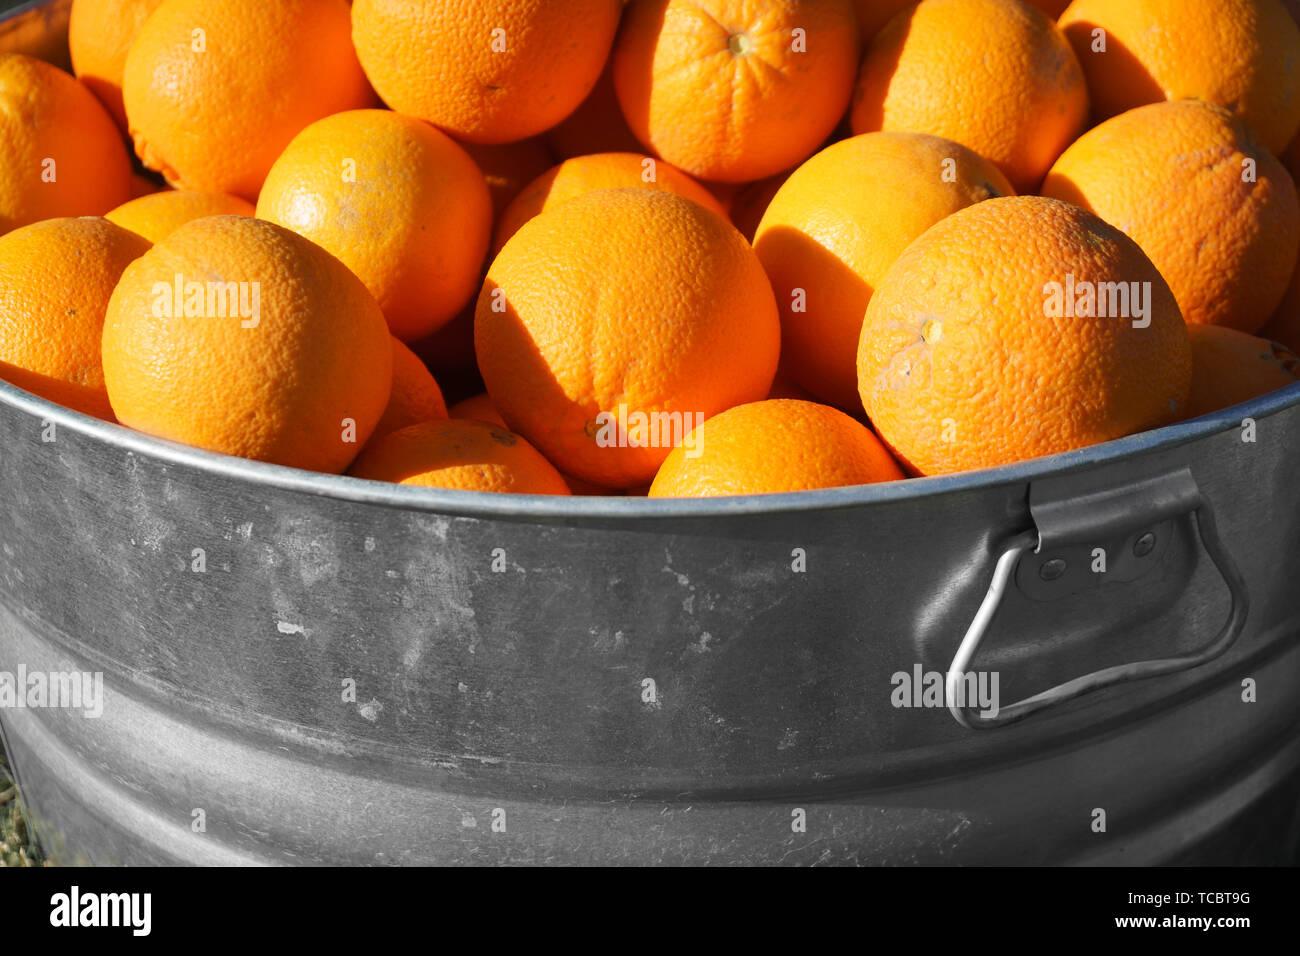 Oranges in Galvanized Metal Tub - Stock Image